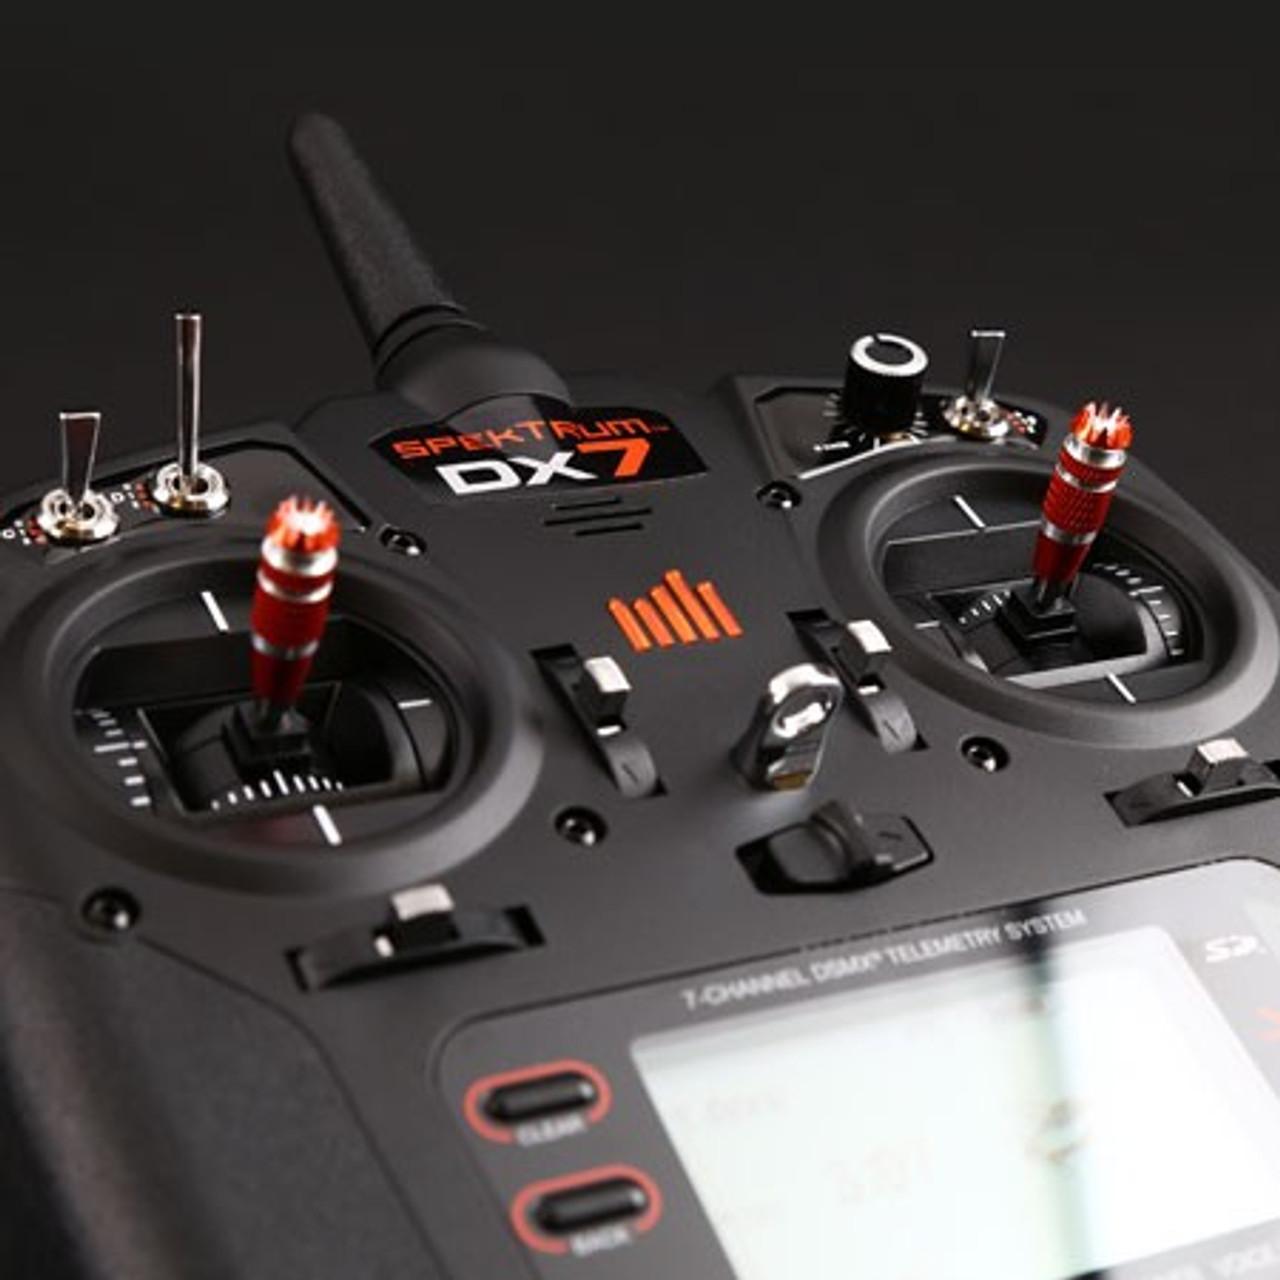 Spektrum DX7 7 Channel Radio System w/ AR8000 RX MD2